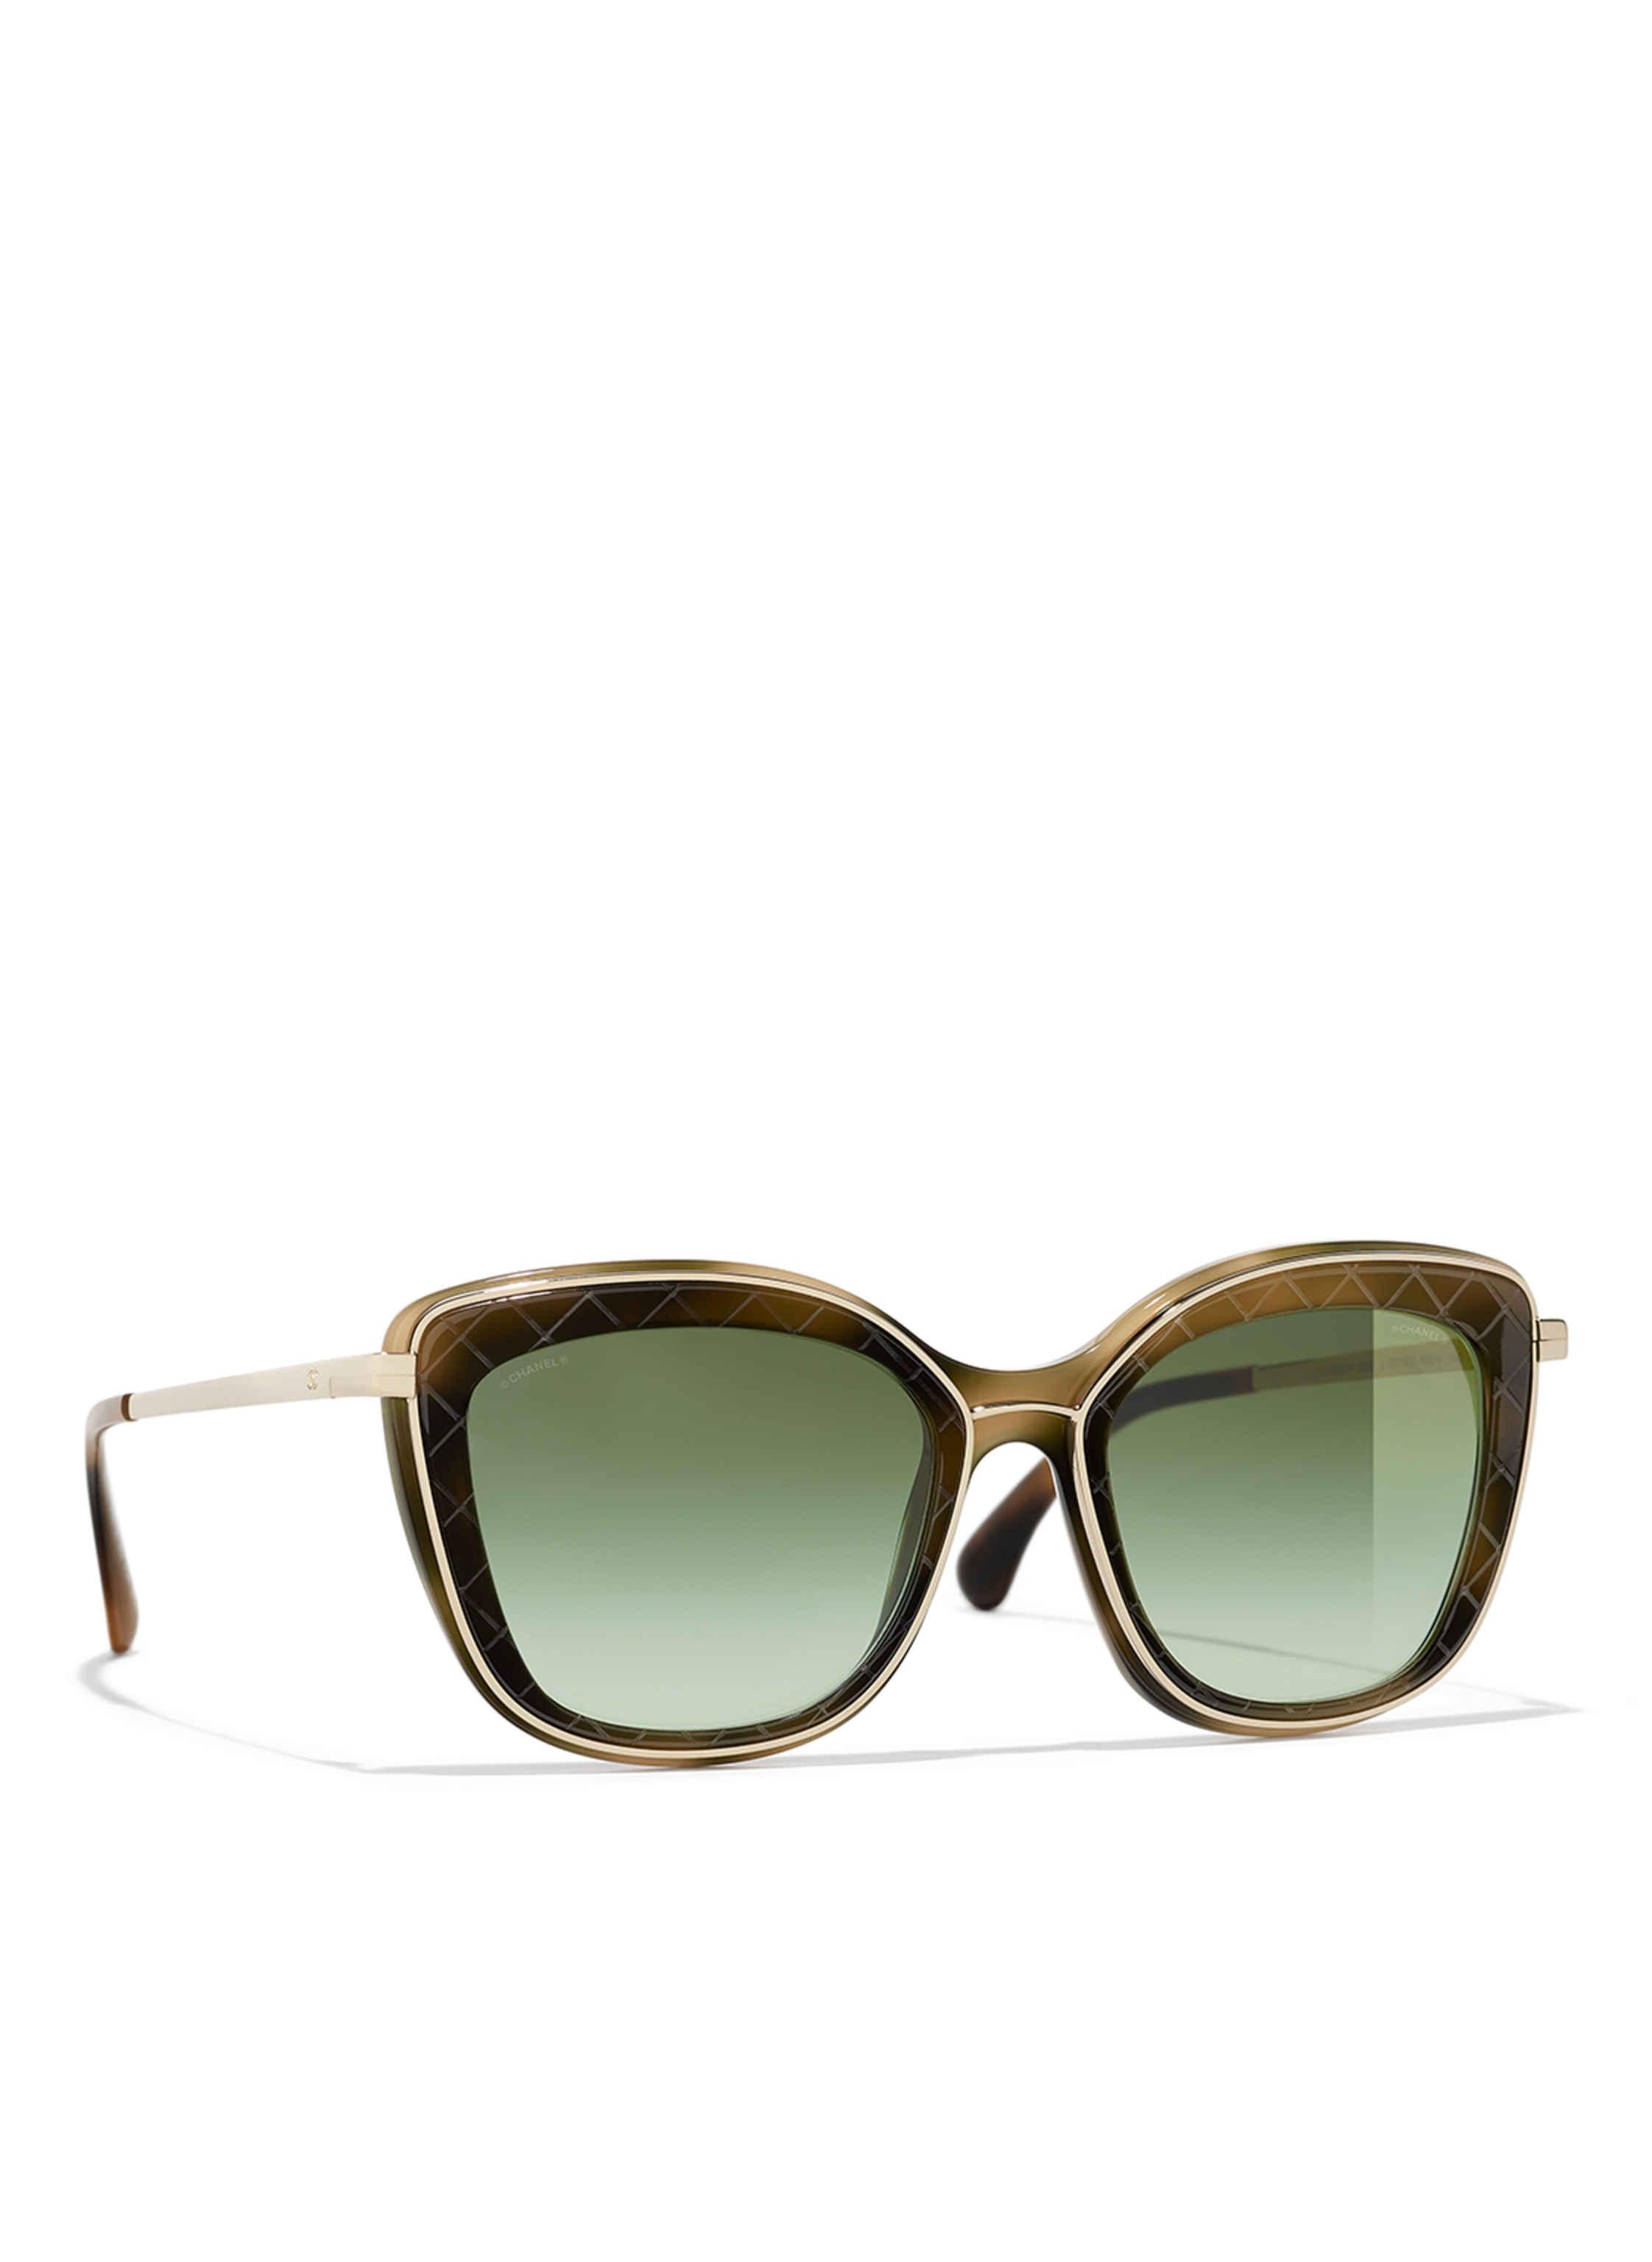 Sonnenbrille von CHANEL Sunglasses bei Breuninger kaufen